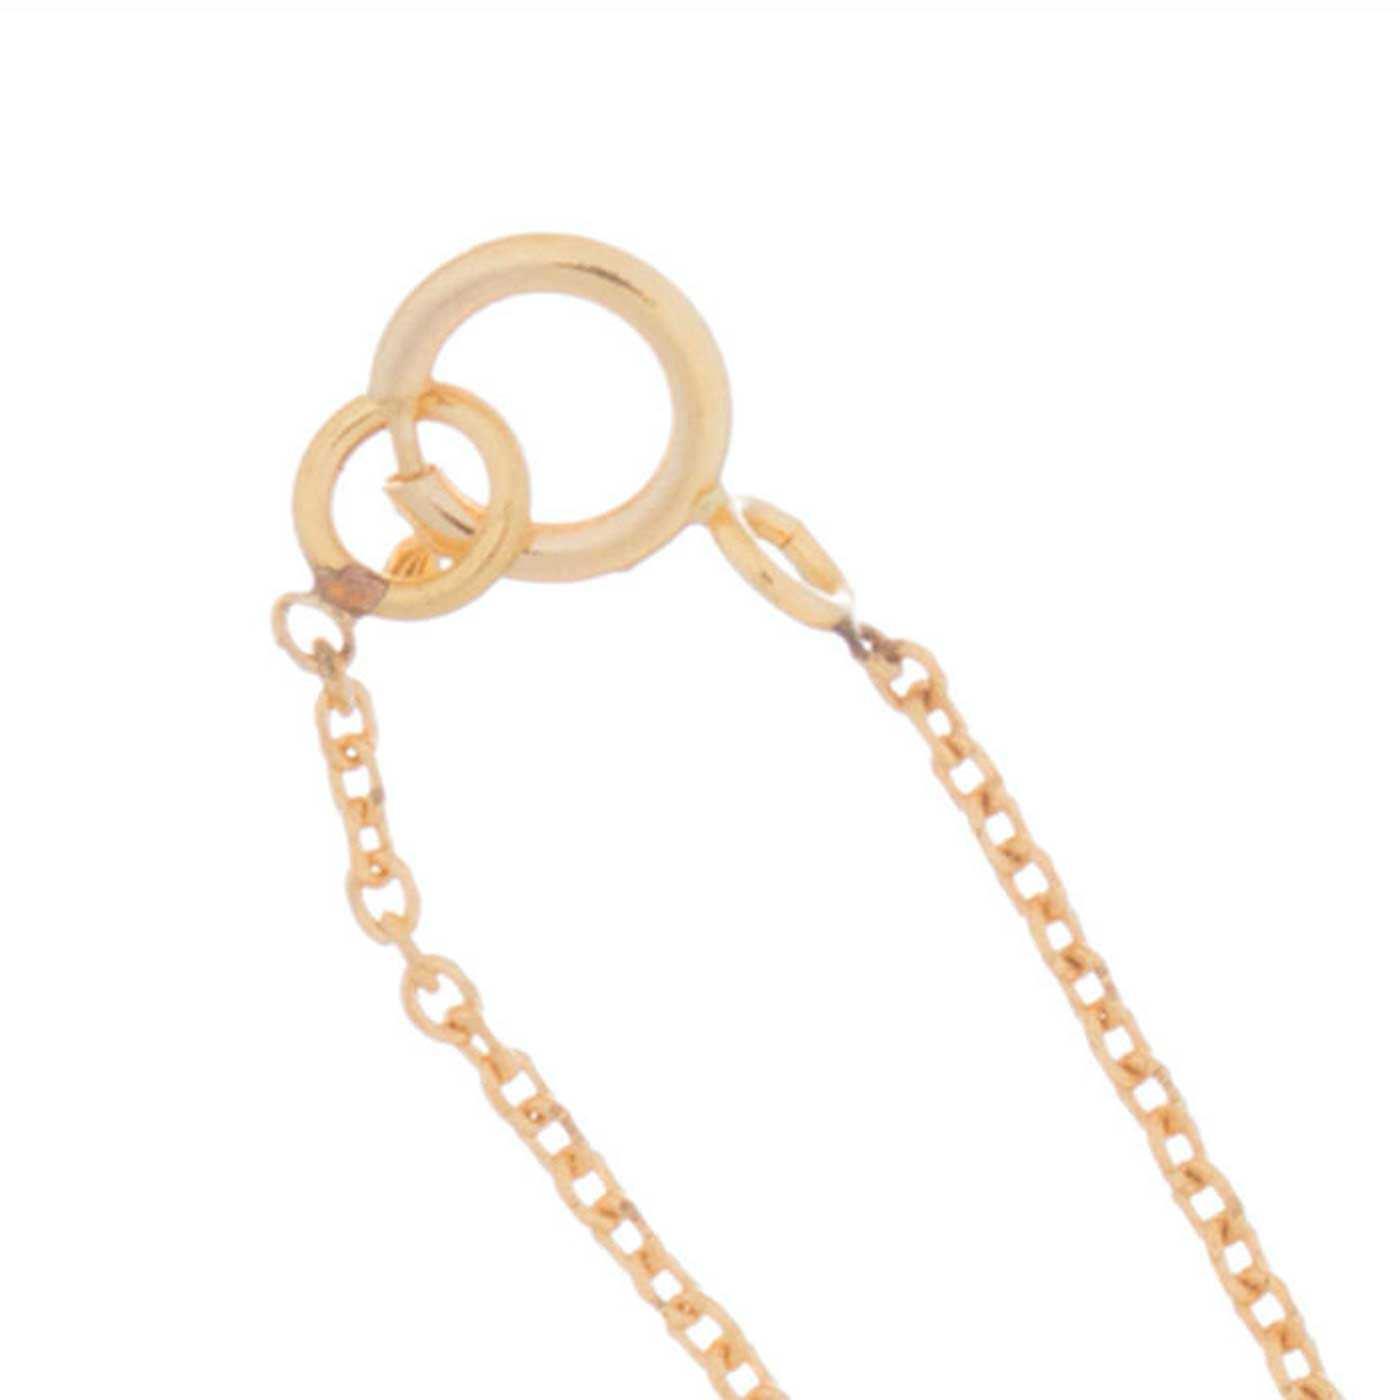 آویز ساعت طلا 18 عیار زنانه کانیار گالری کد AS56 -  - 3